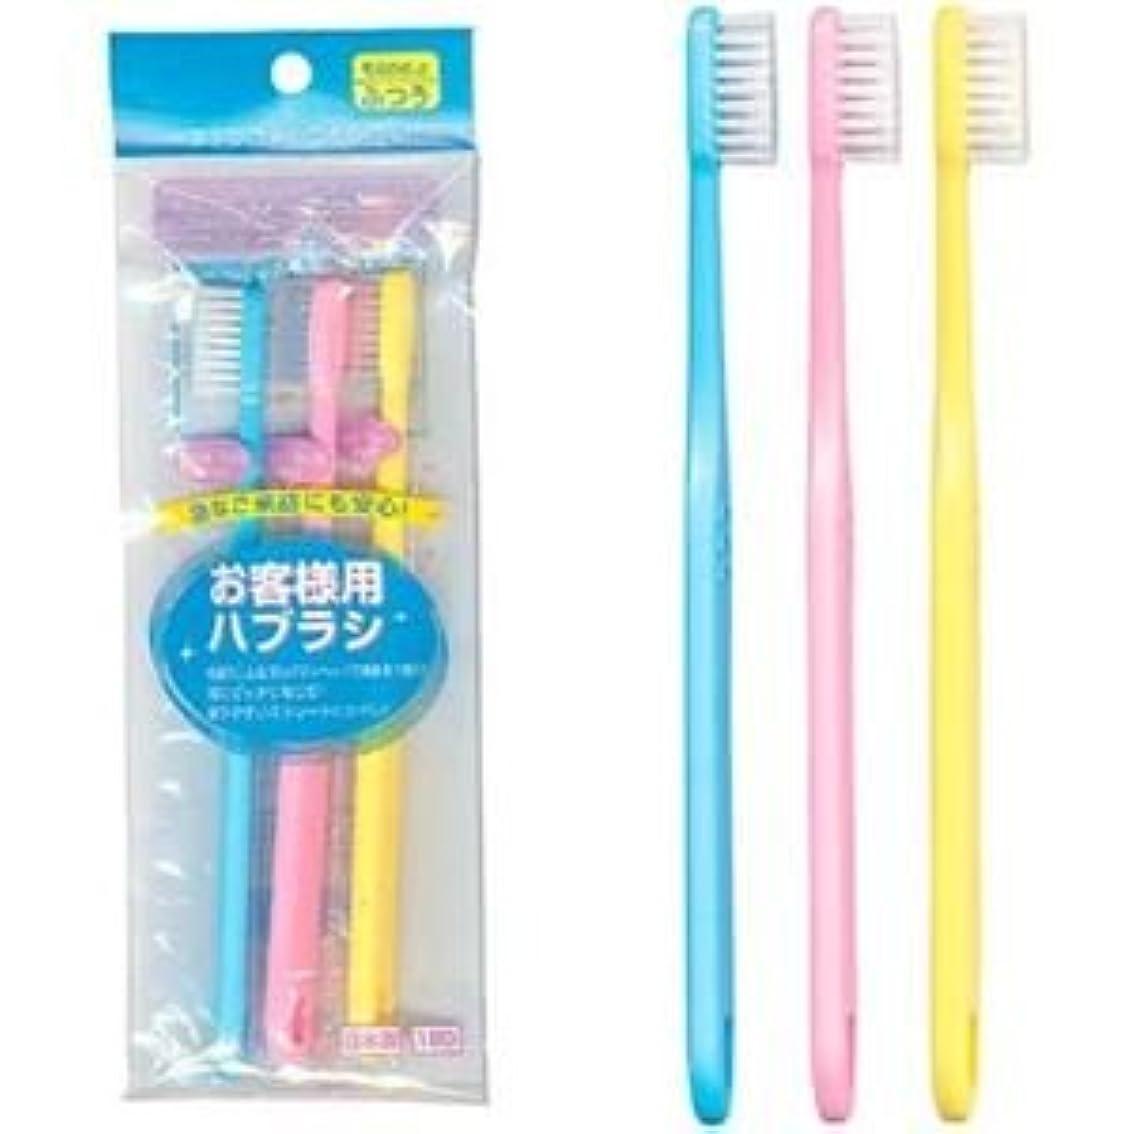 アーチ共役溶かすお客様用歯ブラシ(3P) 【12個セット】 41-006